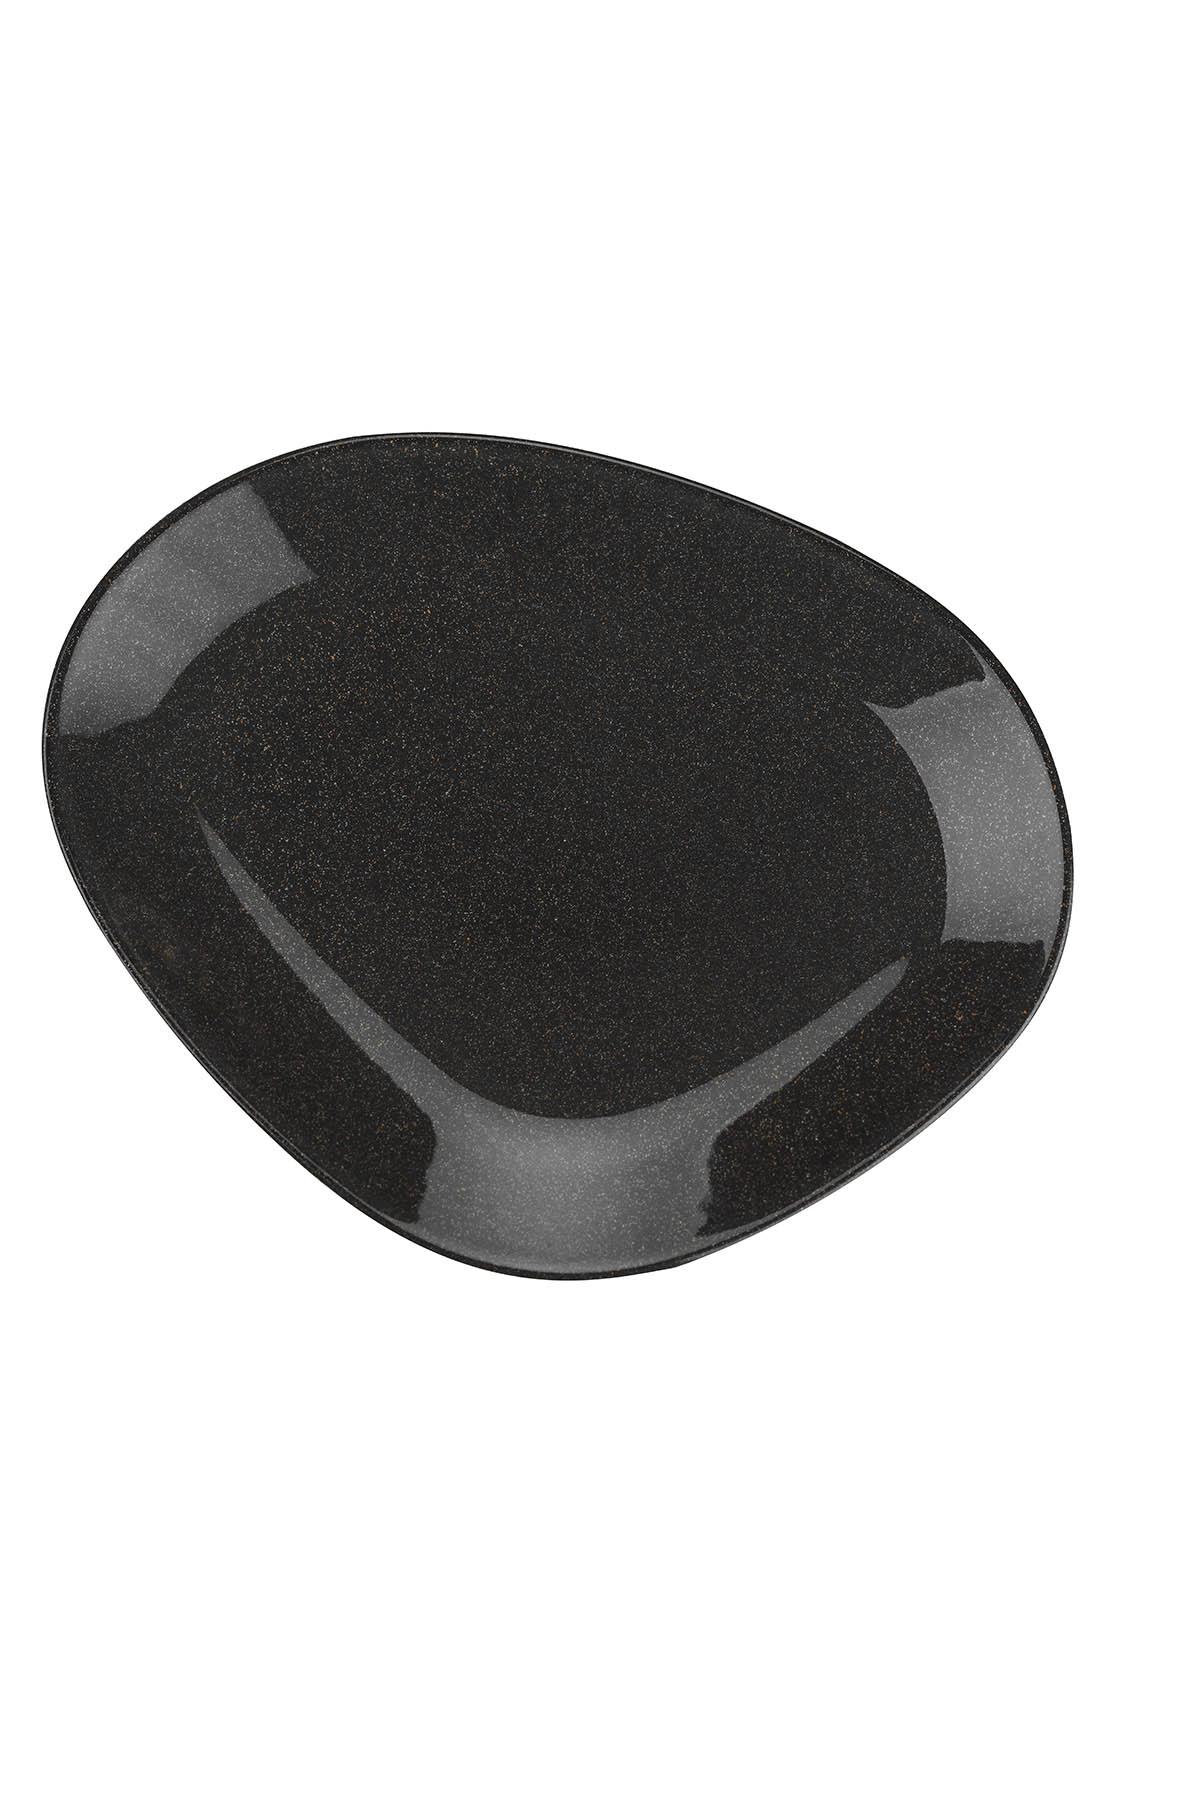 Corendon - Galaxy 2 Li 35 Cm Duz Tabak Parlak Antrasit Renk